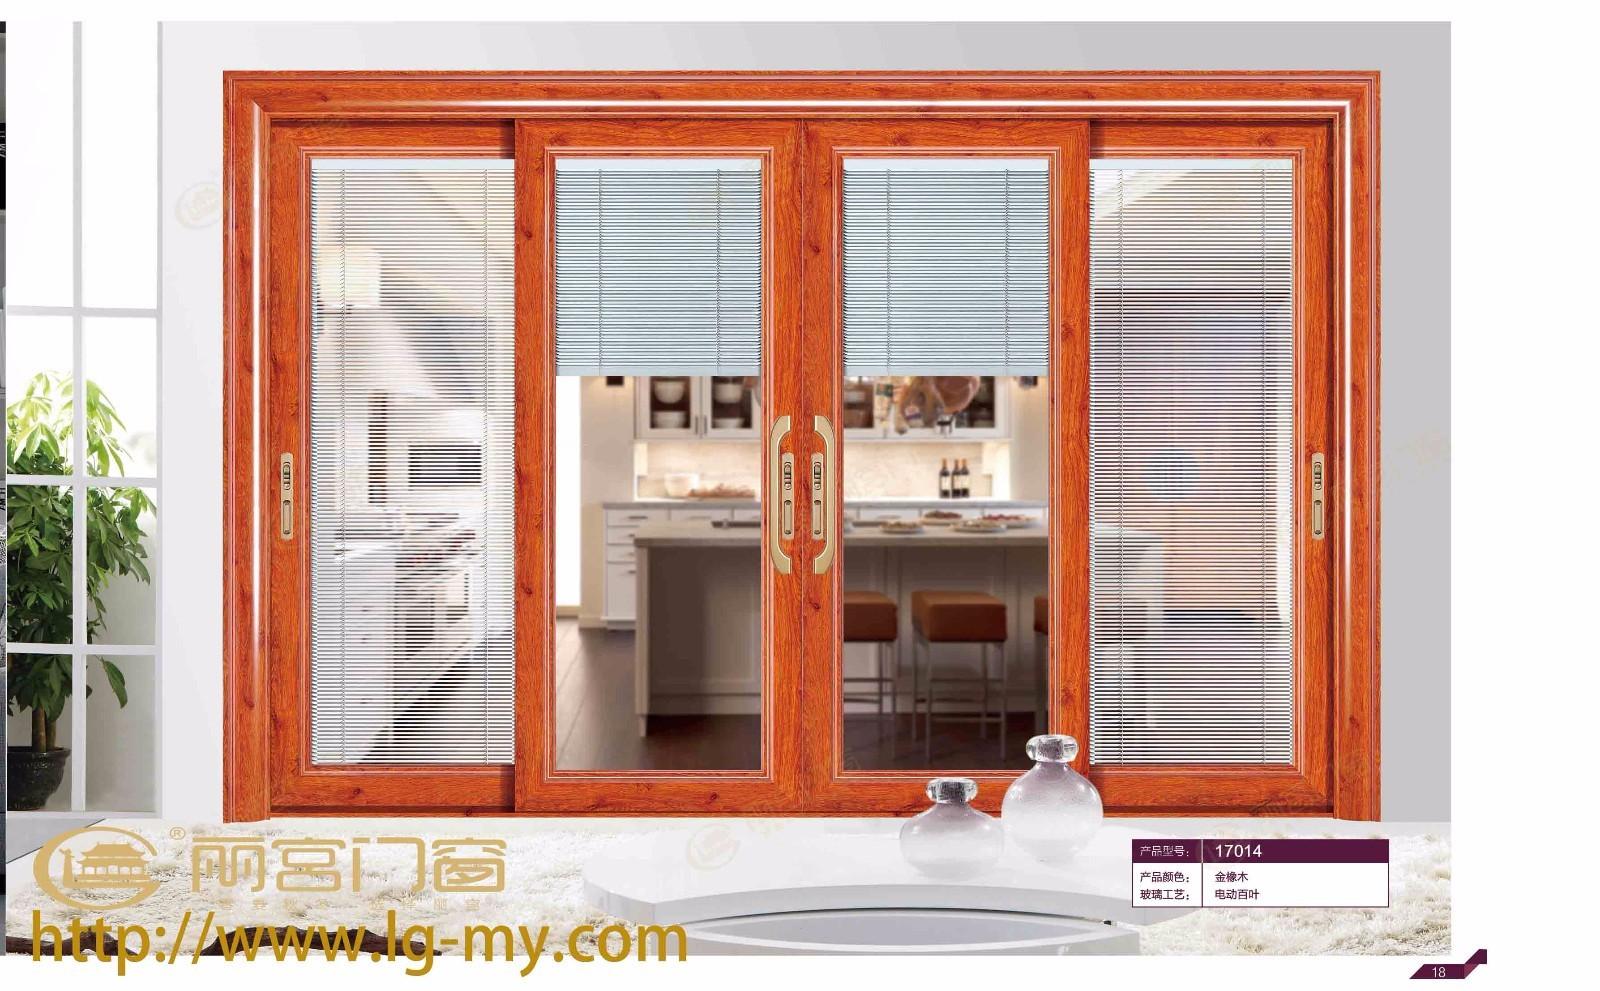 铝合金门窗加盟十大品牌,门窗加盟十大品牌,  门窗加盟,铝合金门窗加盟